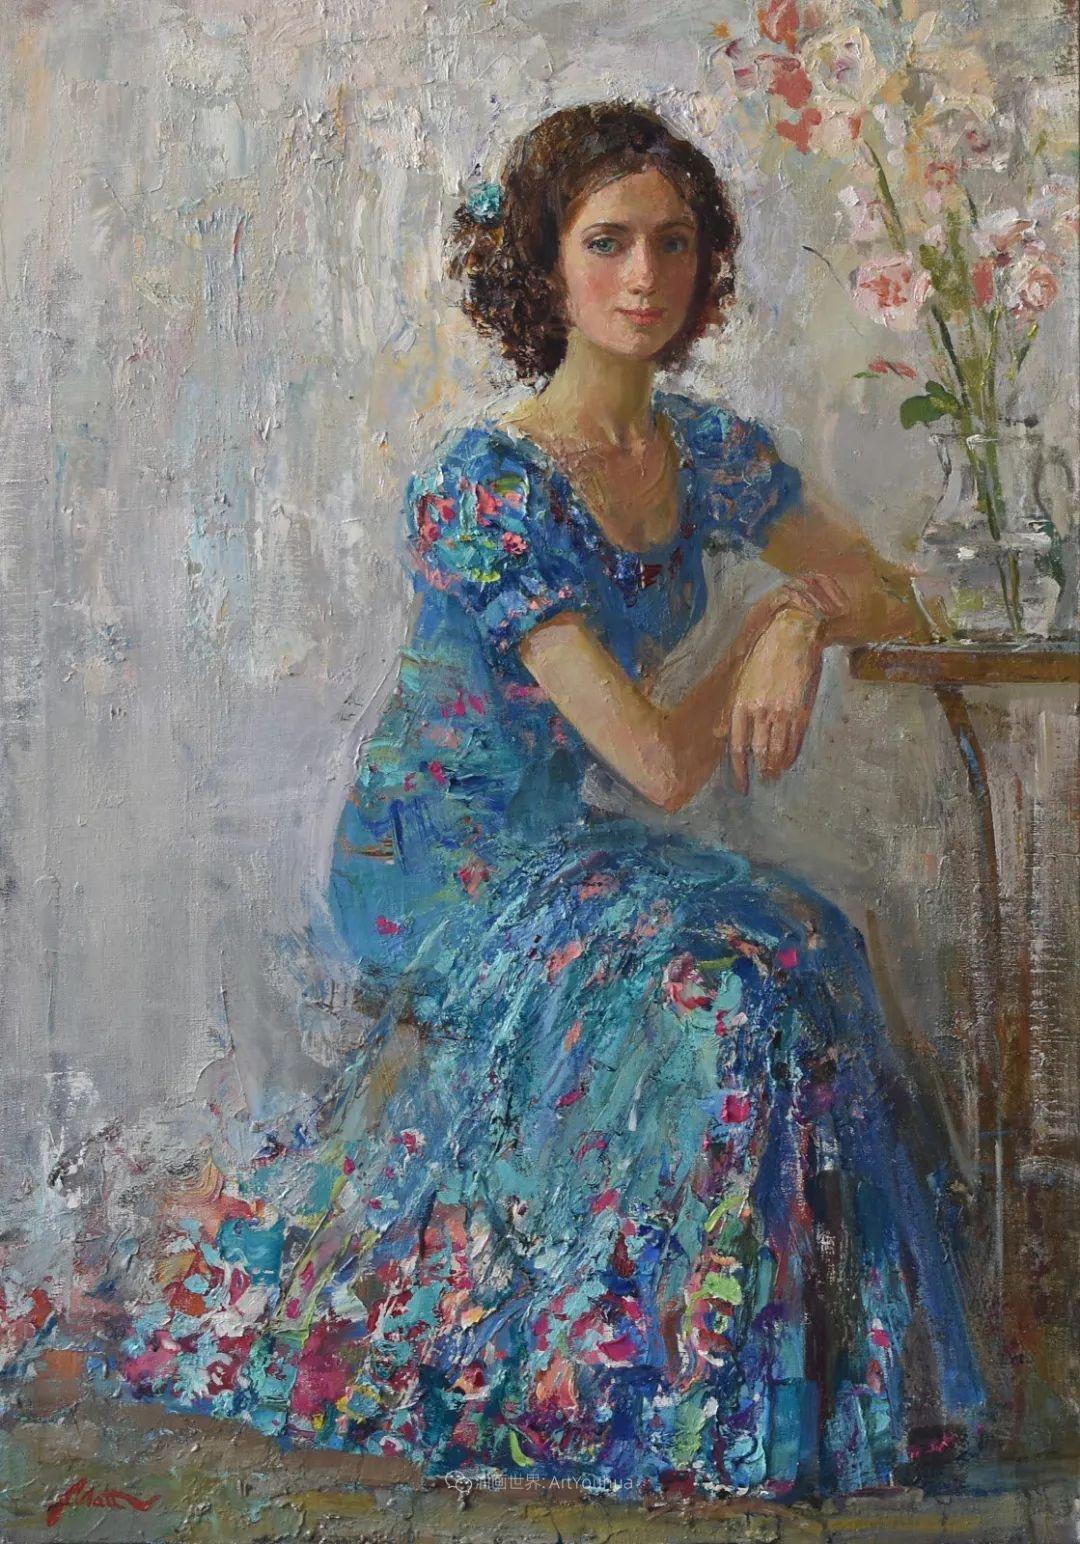 超美的具象油画色彩,俄罗斯青年女画家Anastasiya Matveeva插图9